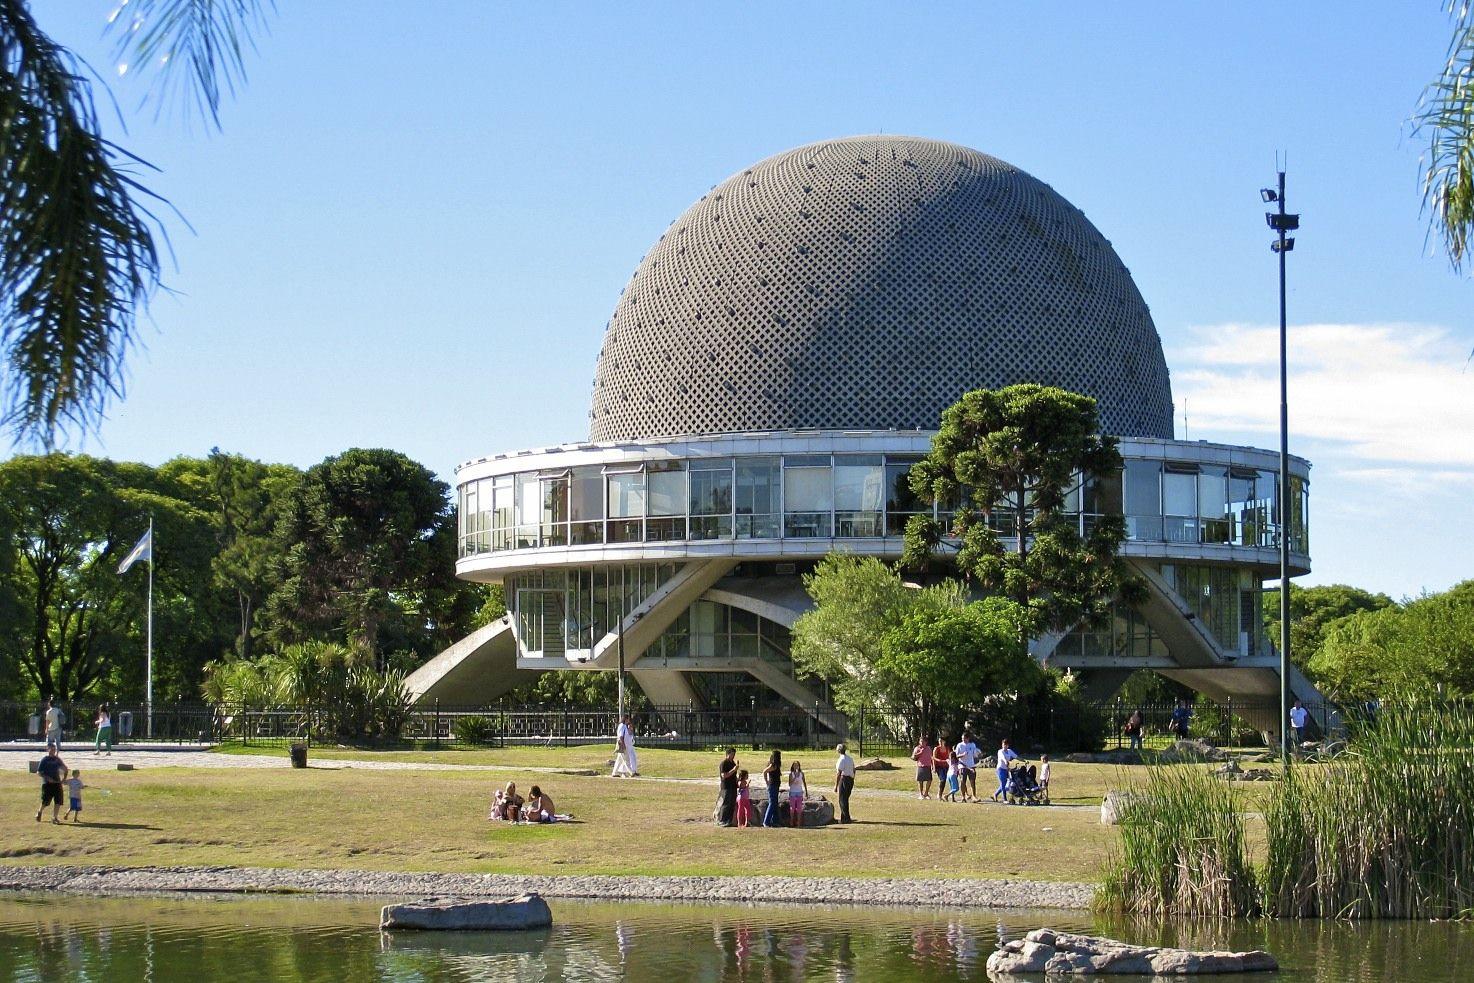 Argentina - Planetario Galileo Galilei